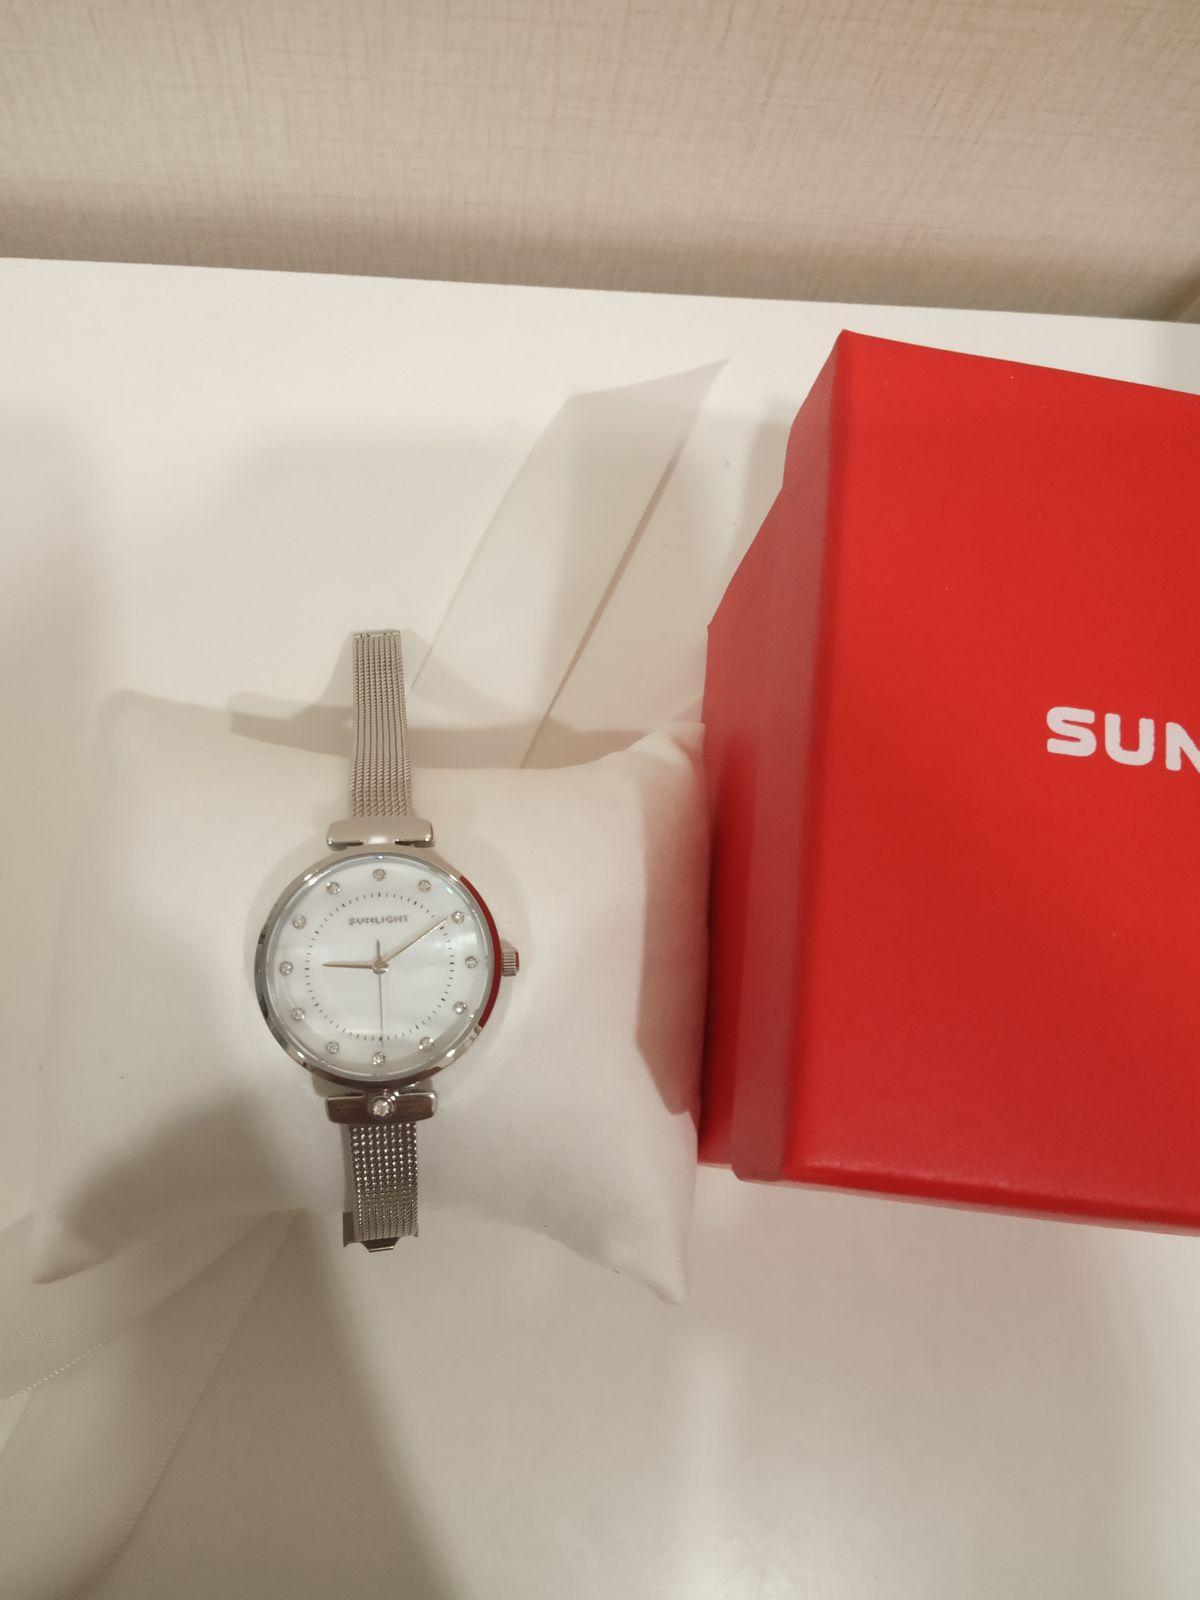 Очень красивые часы,на руке смотрятся аккуратно.